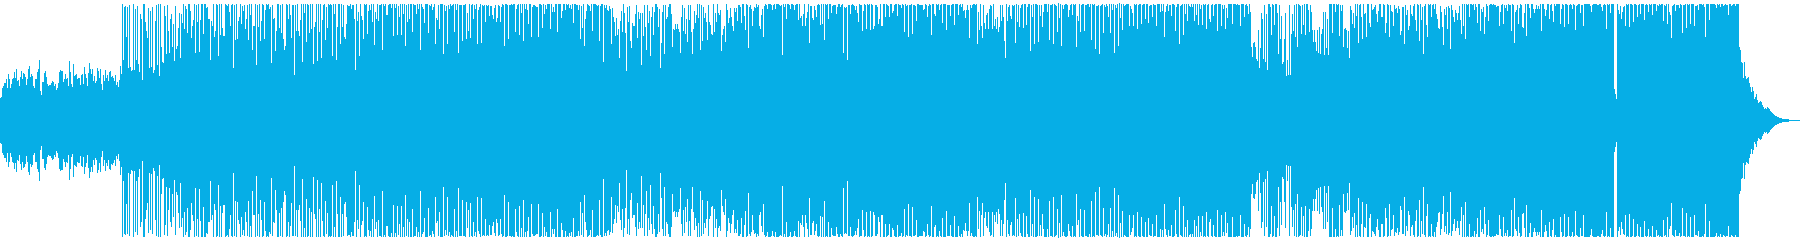 クールでダークな雰囲気のEDMの再生済みの波形